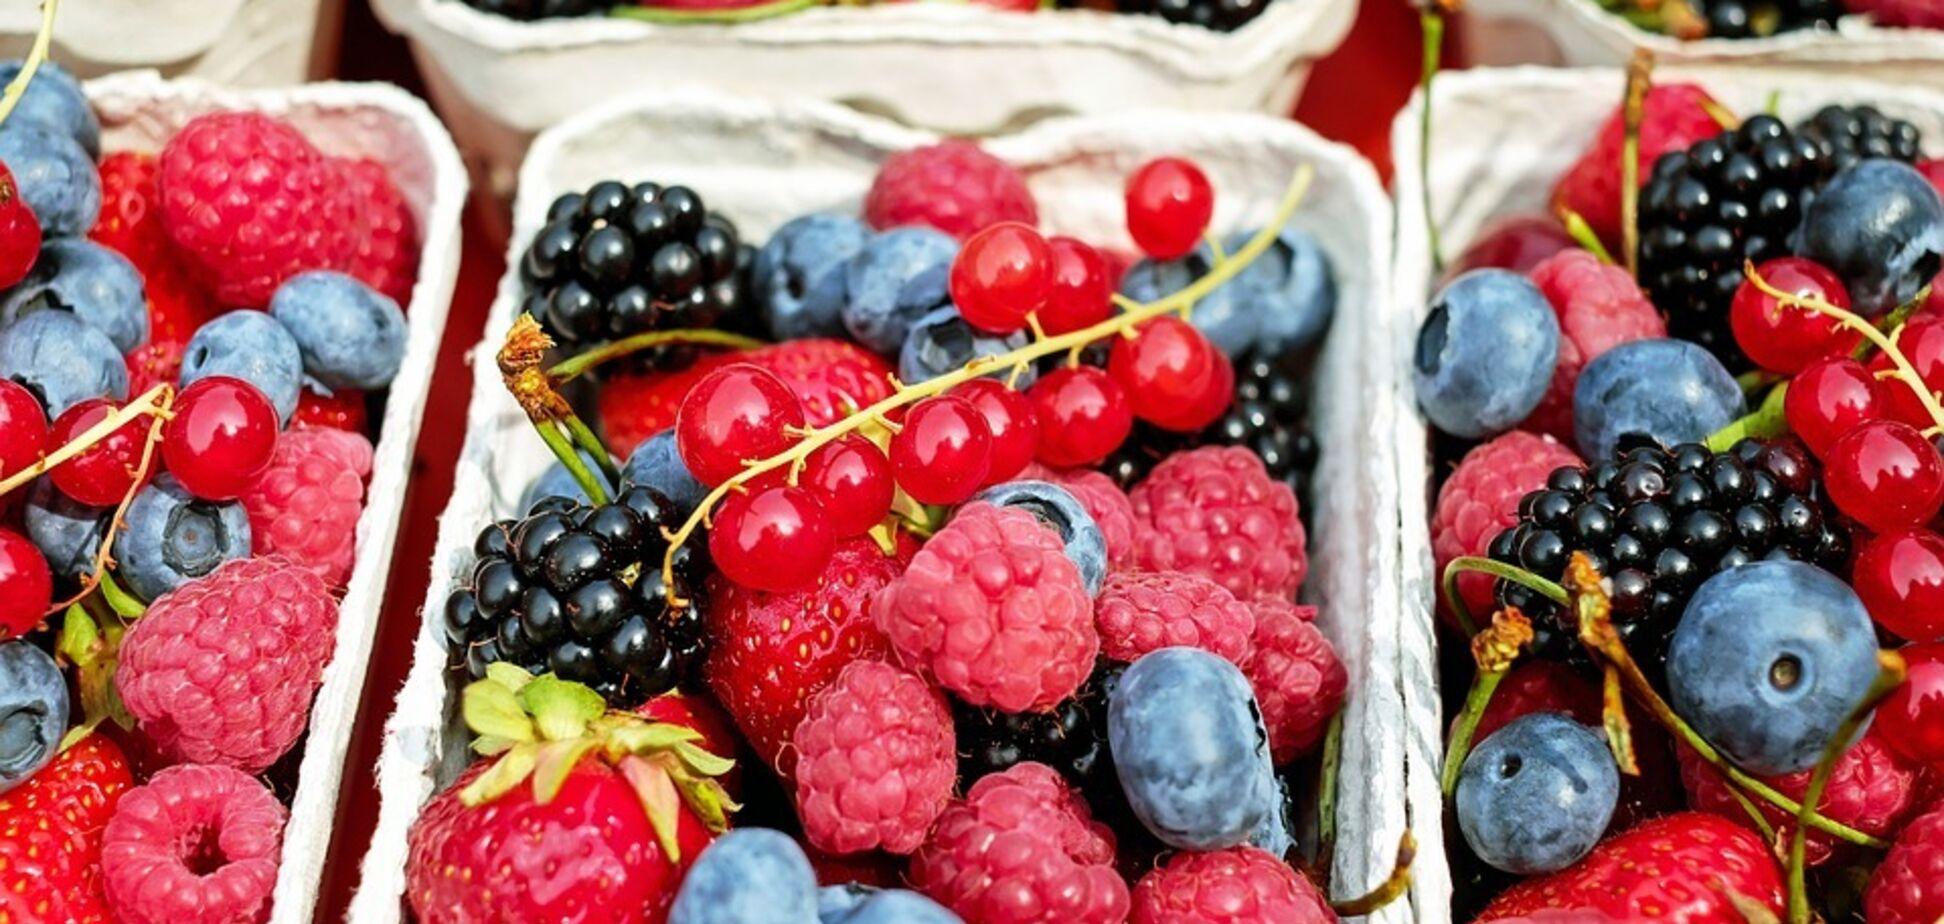 Їсти щодня! Дієтолог назвала ягоди для краси та здоров'я